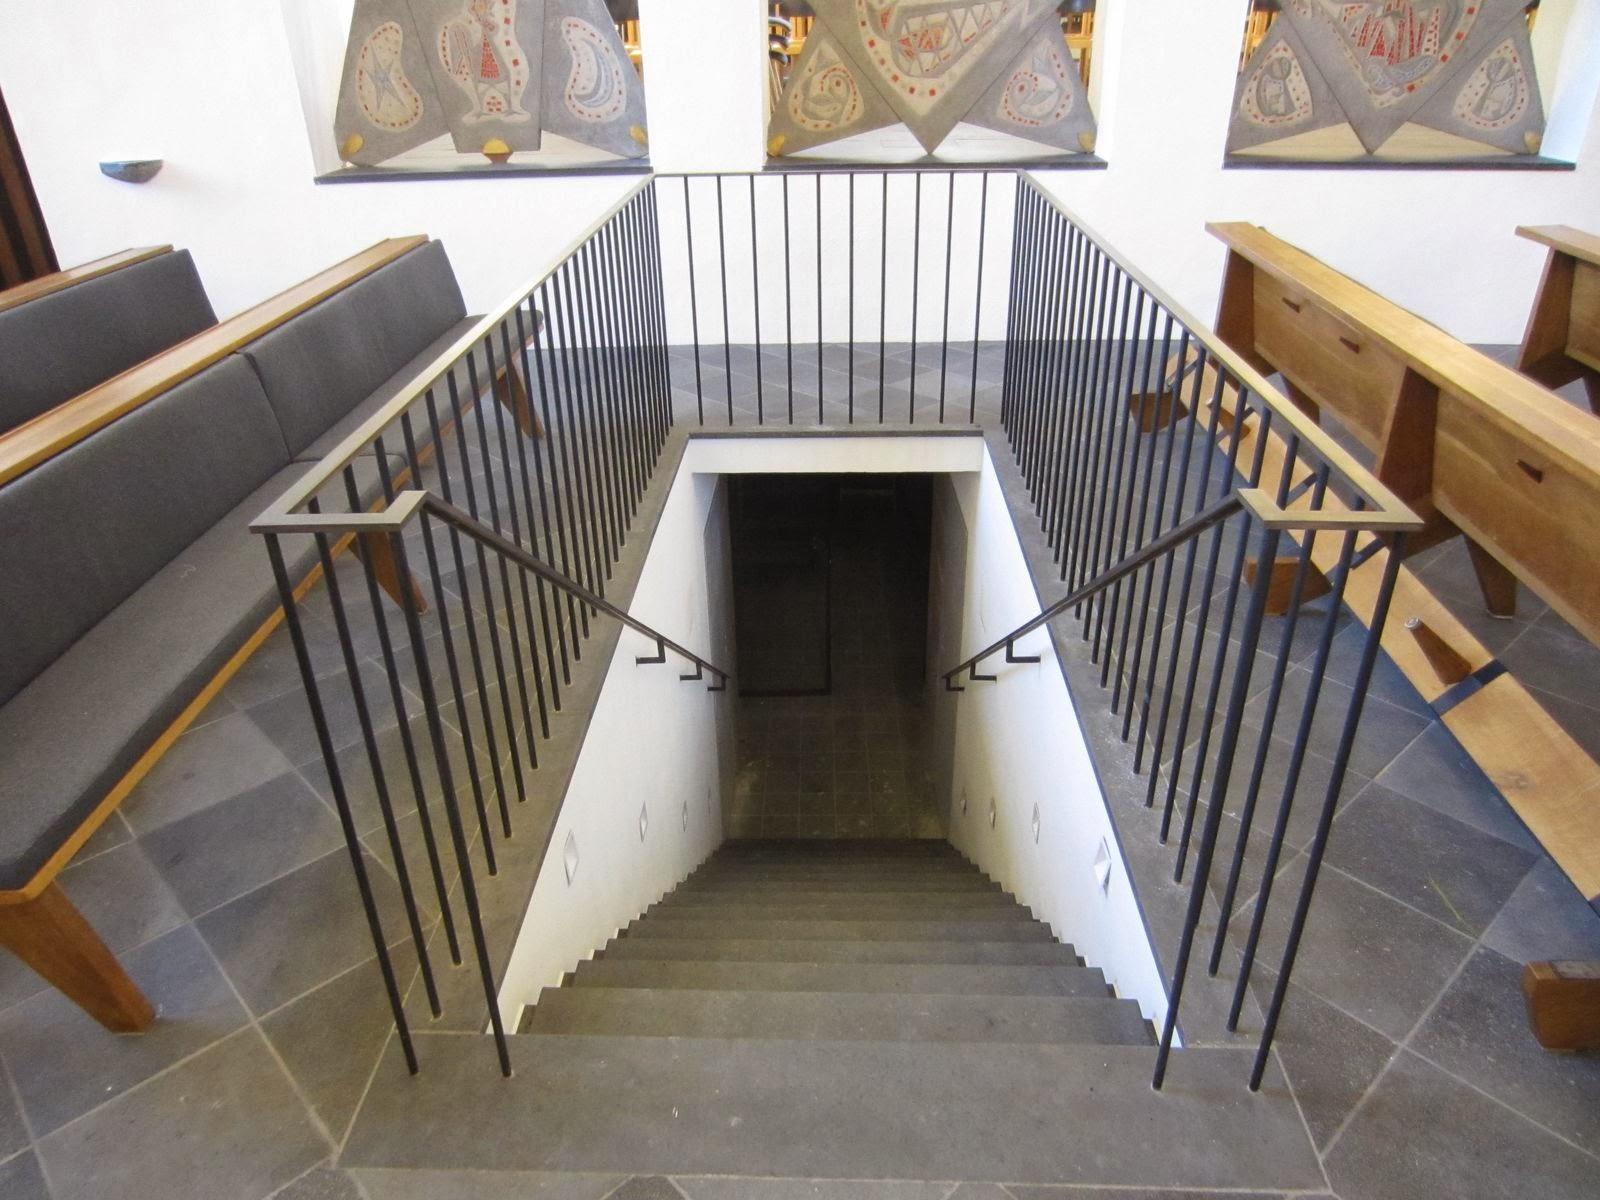 treppe selber bauen treppe selber bauen baumtreppe diy. Black Bedroom Furniture Sets. Home Design Ideas